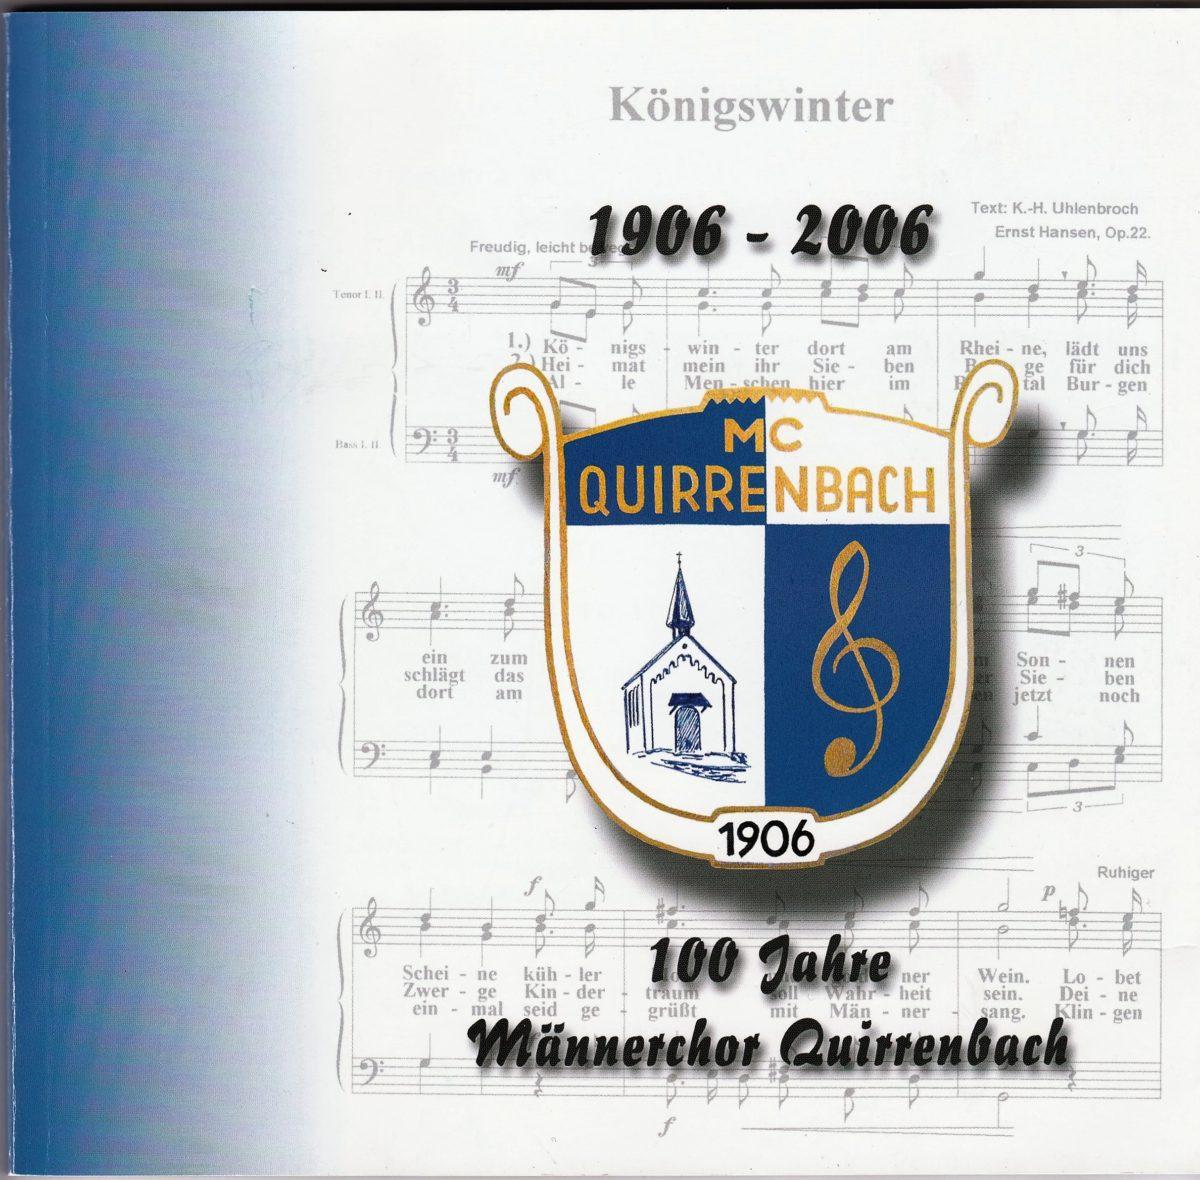 Festschrift zum 100. Jubiläum des MC Quirrenbach